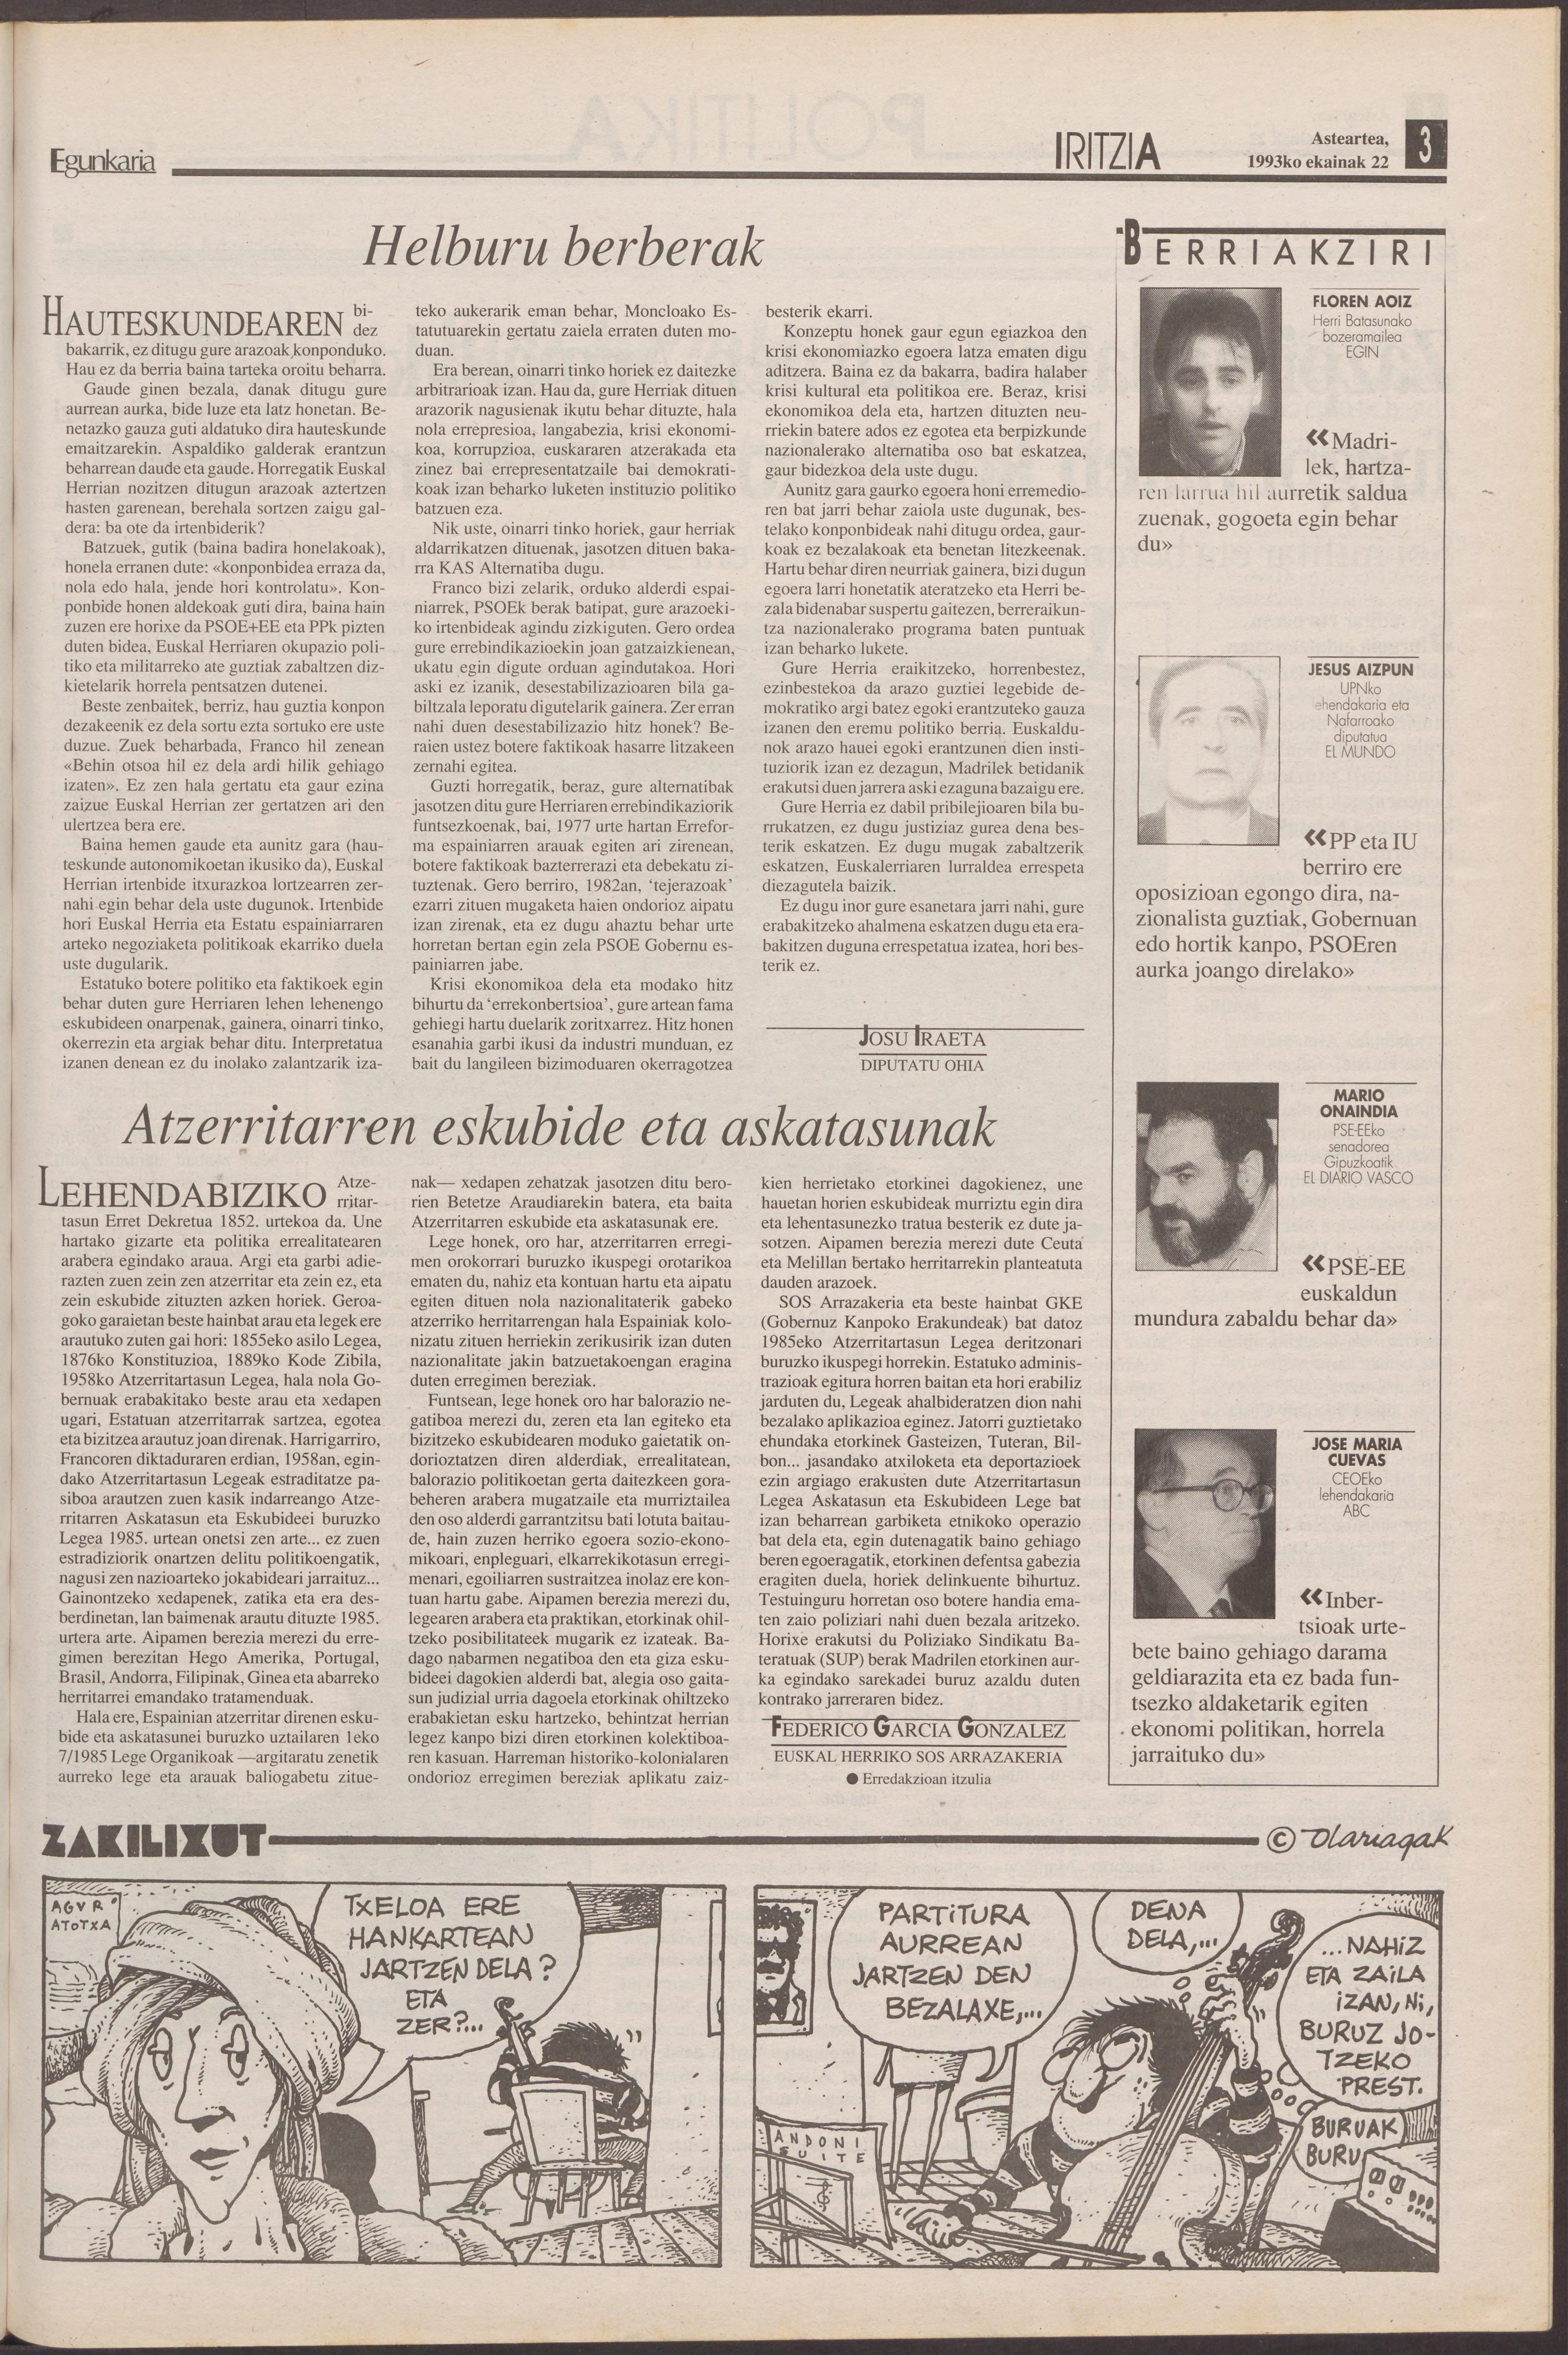 1993ko ekainak 22, 03. orrialdea